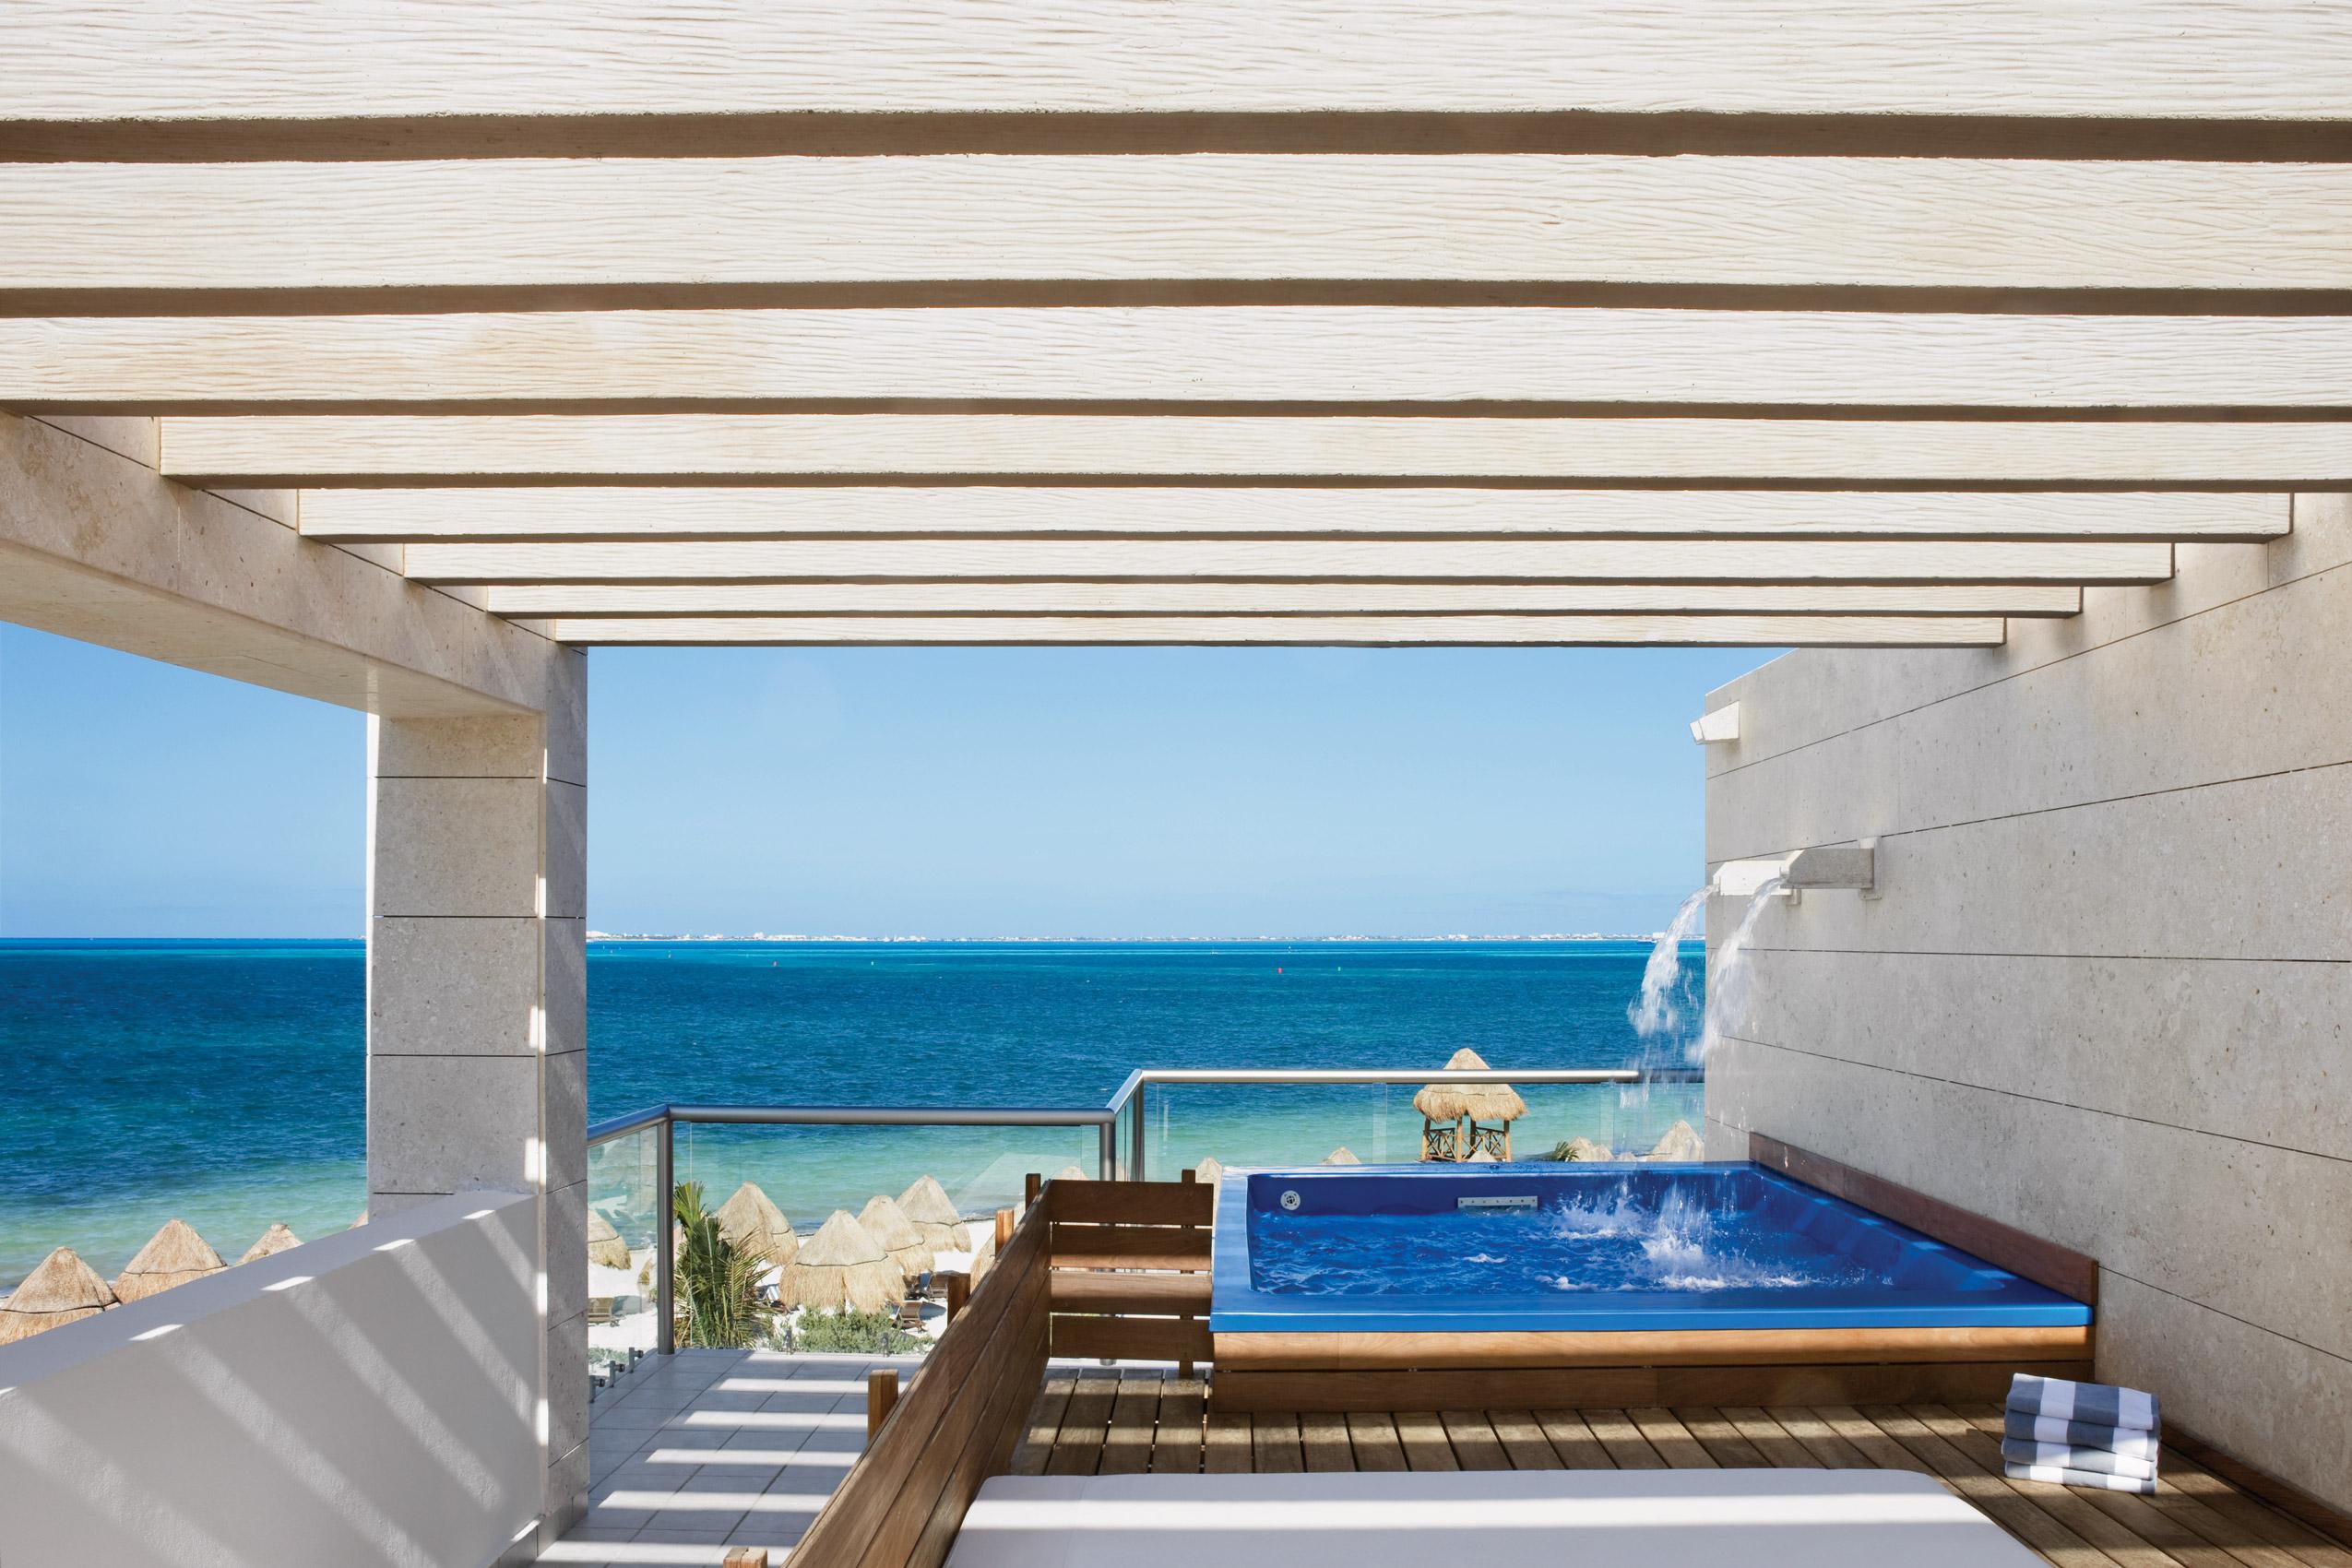 Beau Suite Casita 2 étages Face à La Mer Avec Petite Piscine